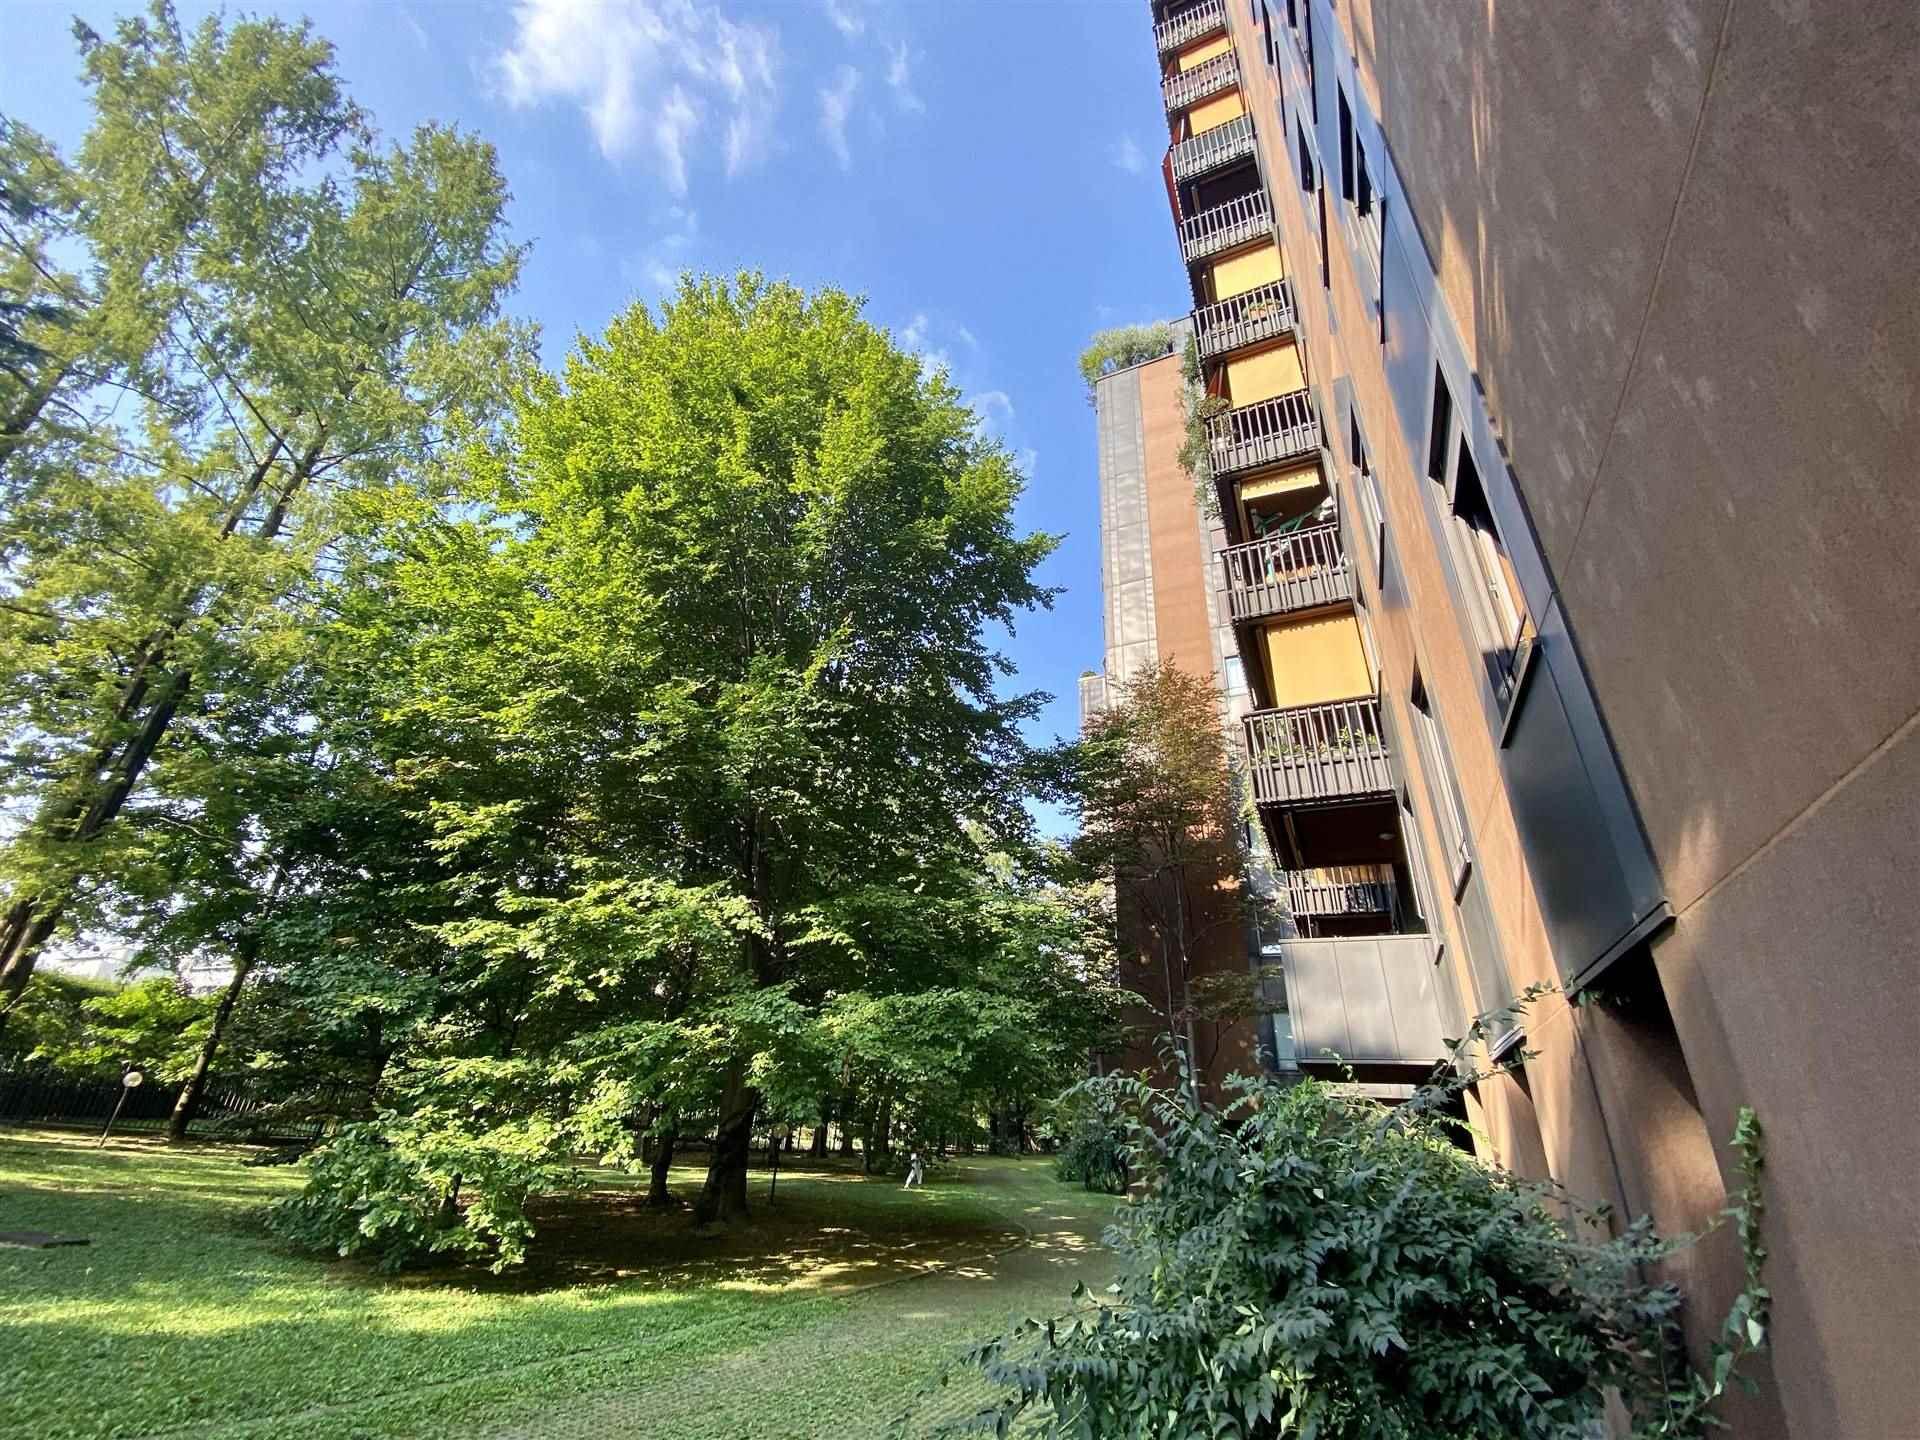 PIAZZA CANEVA ADIACENZE - In stabile signorile anni '80 con ampio giardino condominiale e portineria proponiamo per locazione transitoria di 1 anno, panoramico 9° piano mq 48 composto da: ingresso,